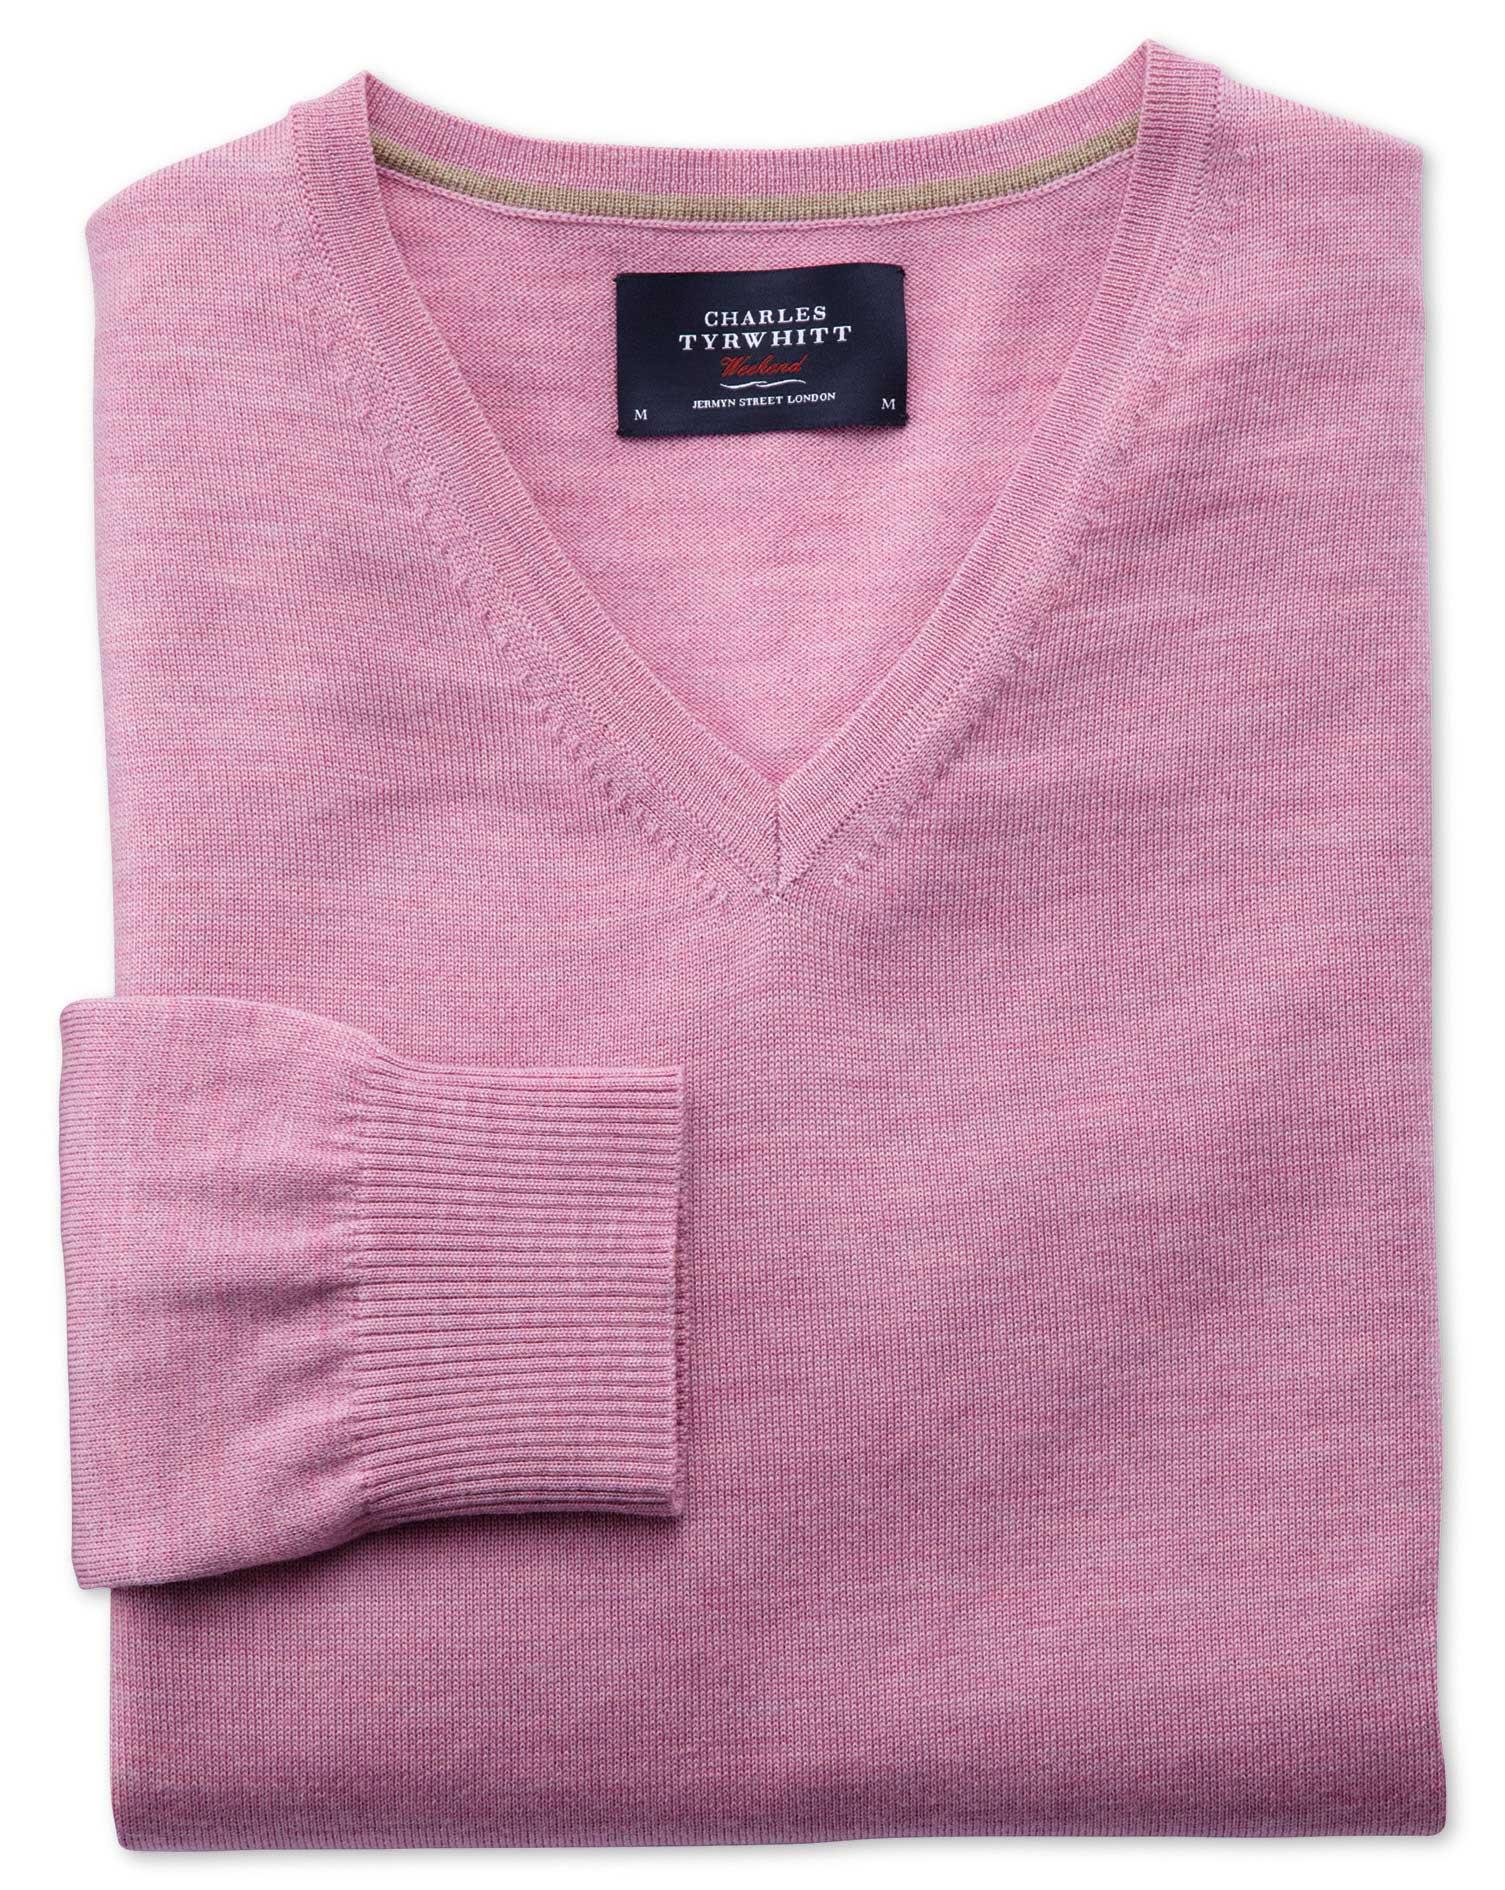 Light Pink Merino Wool V-Neck Jumper Size Small by Charles Tyrwhitt